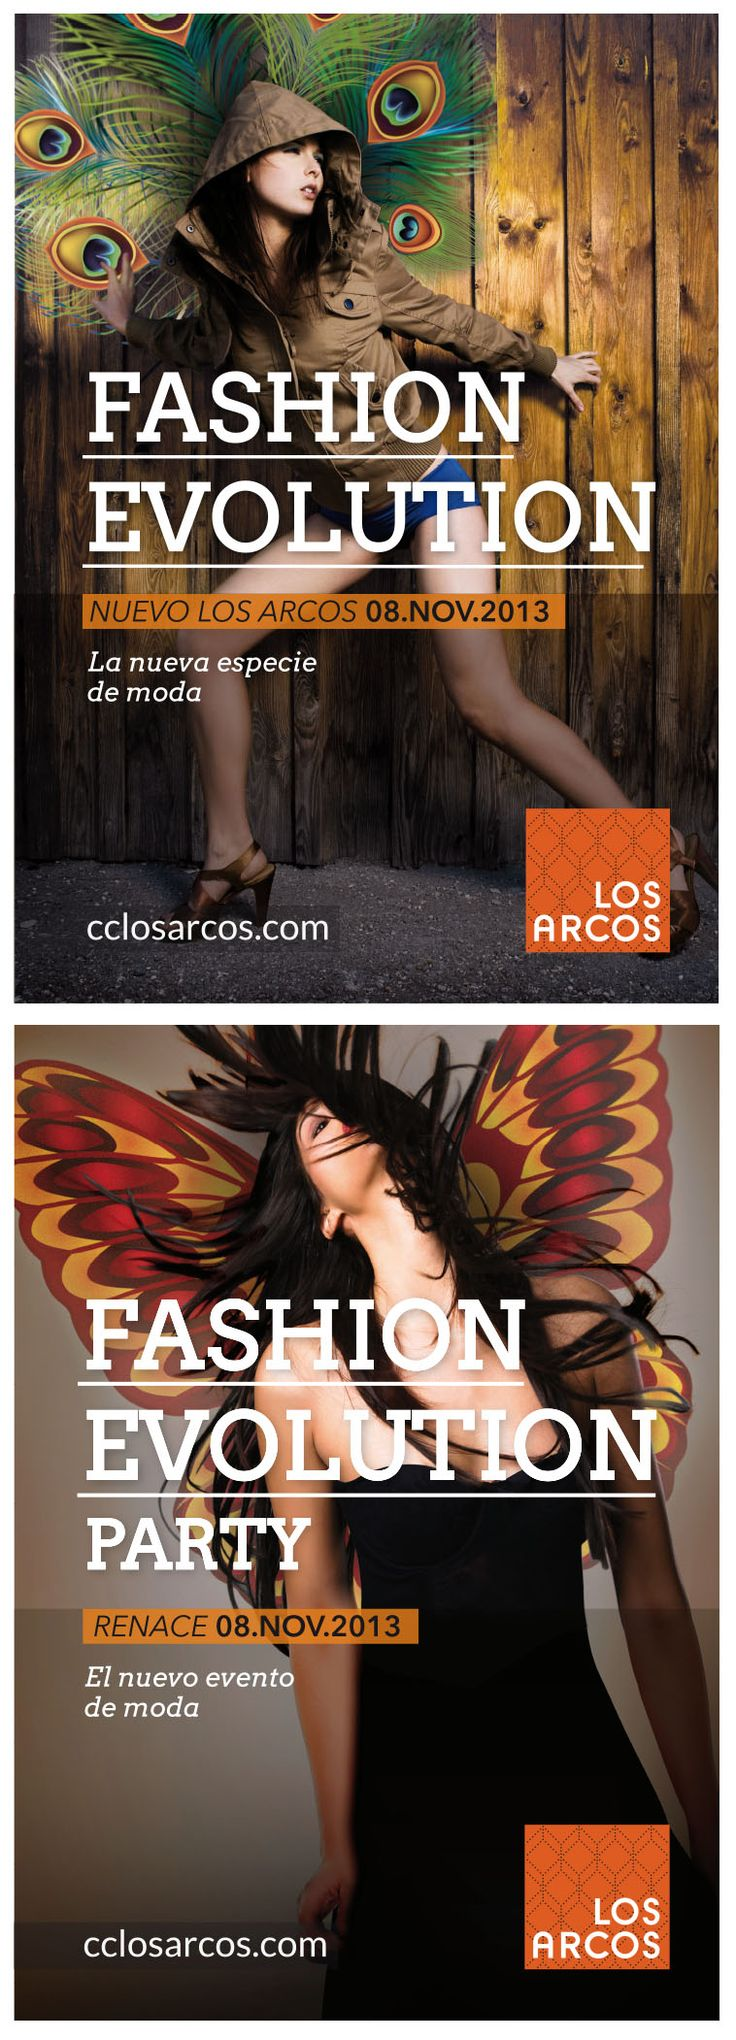 Fashion Evolution del Centro Comercial Los Arcos. Nueva imagen, campaña on-off, app en Facebook y evento exclusivo de moda. #evento #app #diseño #creatividad #proyecto